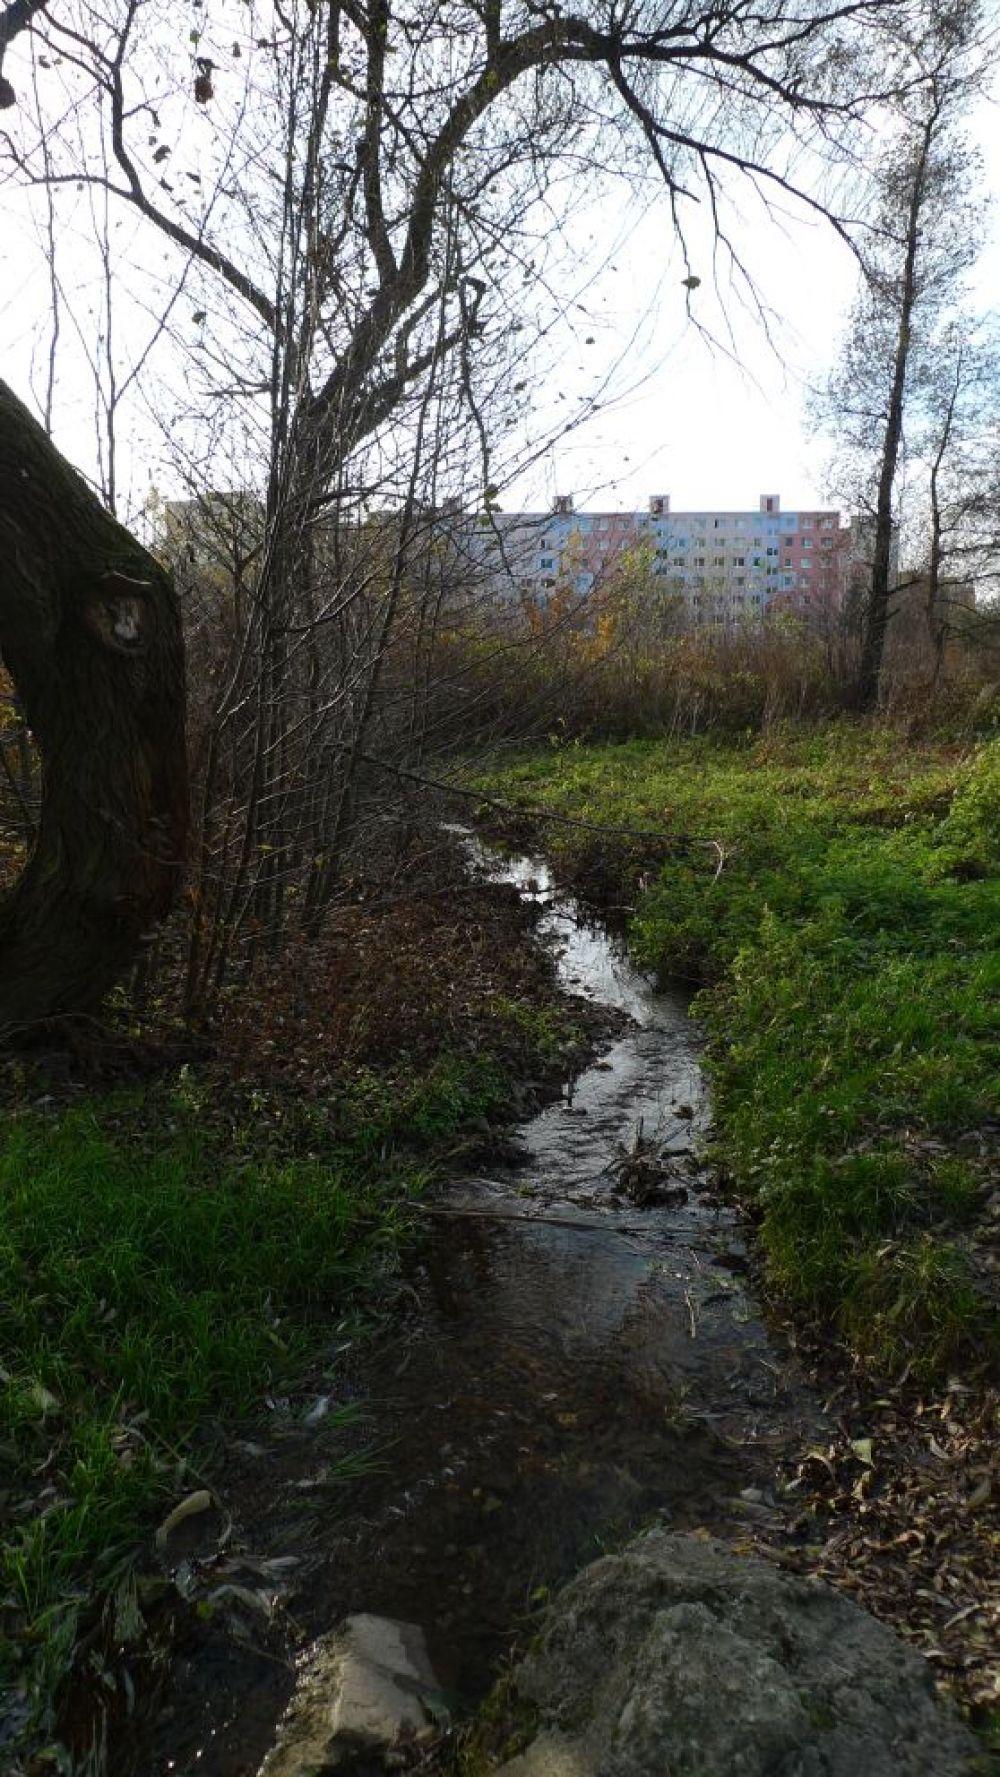 Koryto potoka Všivák, foto 2